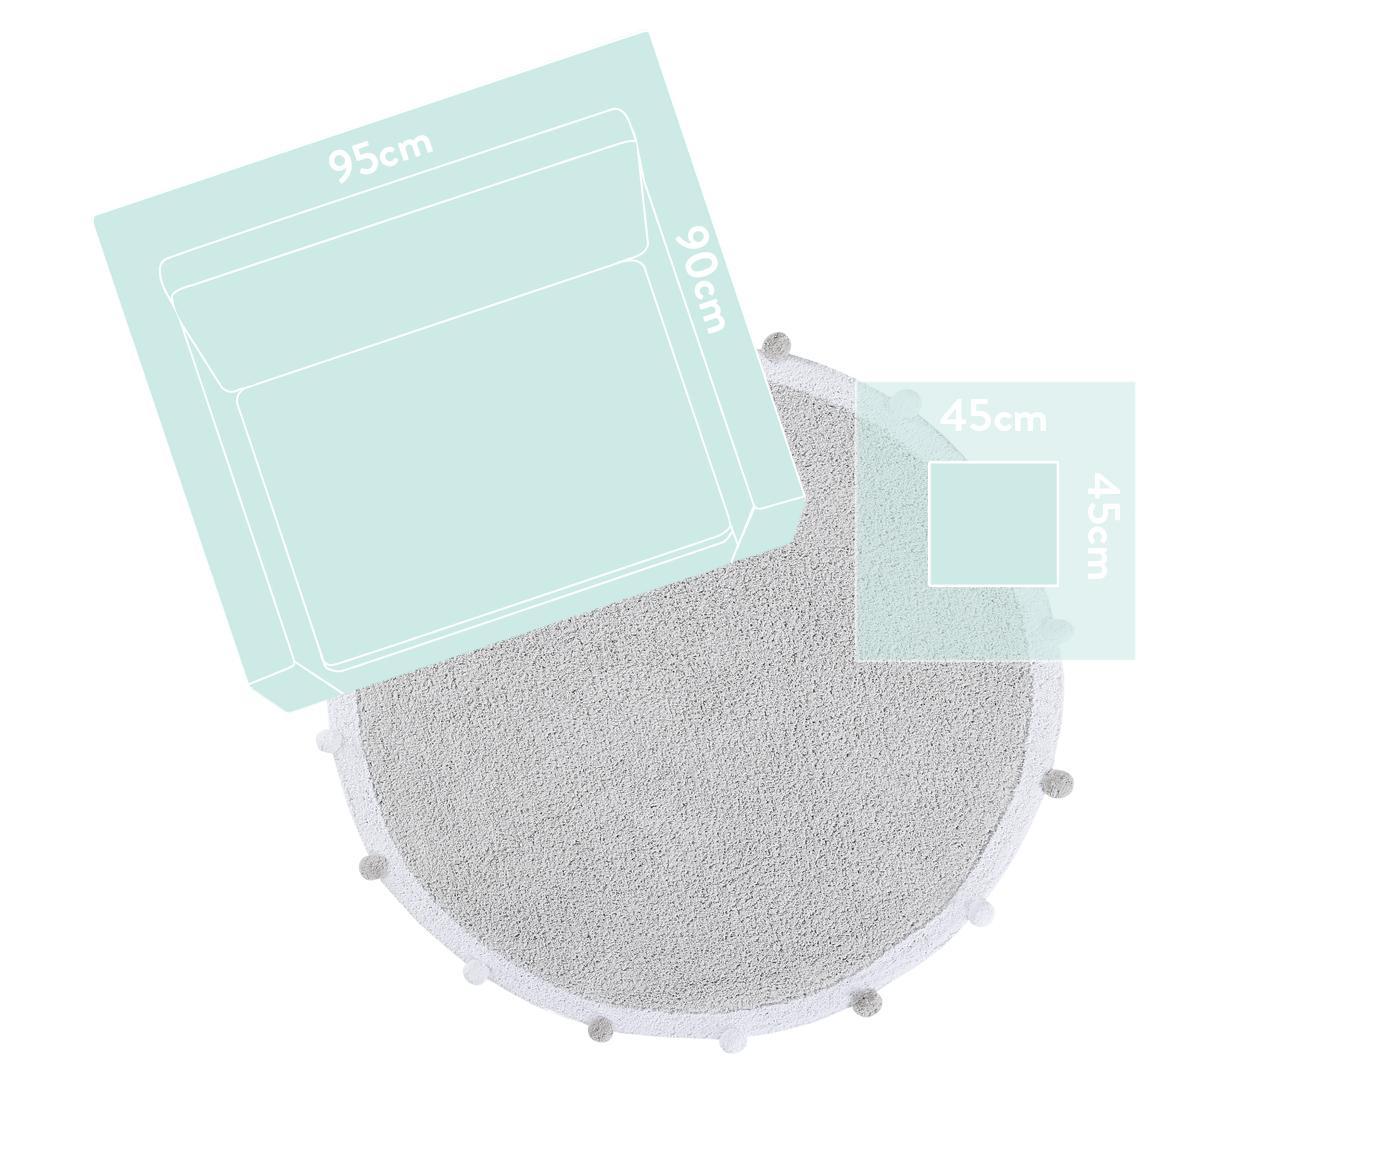 Runder Teppich Bubbly mit Pompoms, handgefertigt, Flor: 97% recycelte Baumwolle, , Hellgrau, Weiß, Ø 120 cm (Größe S)